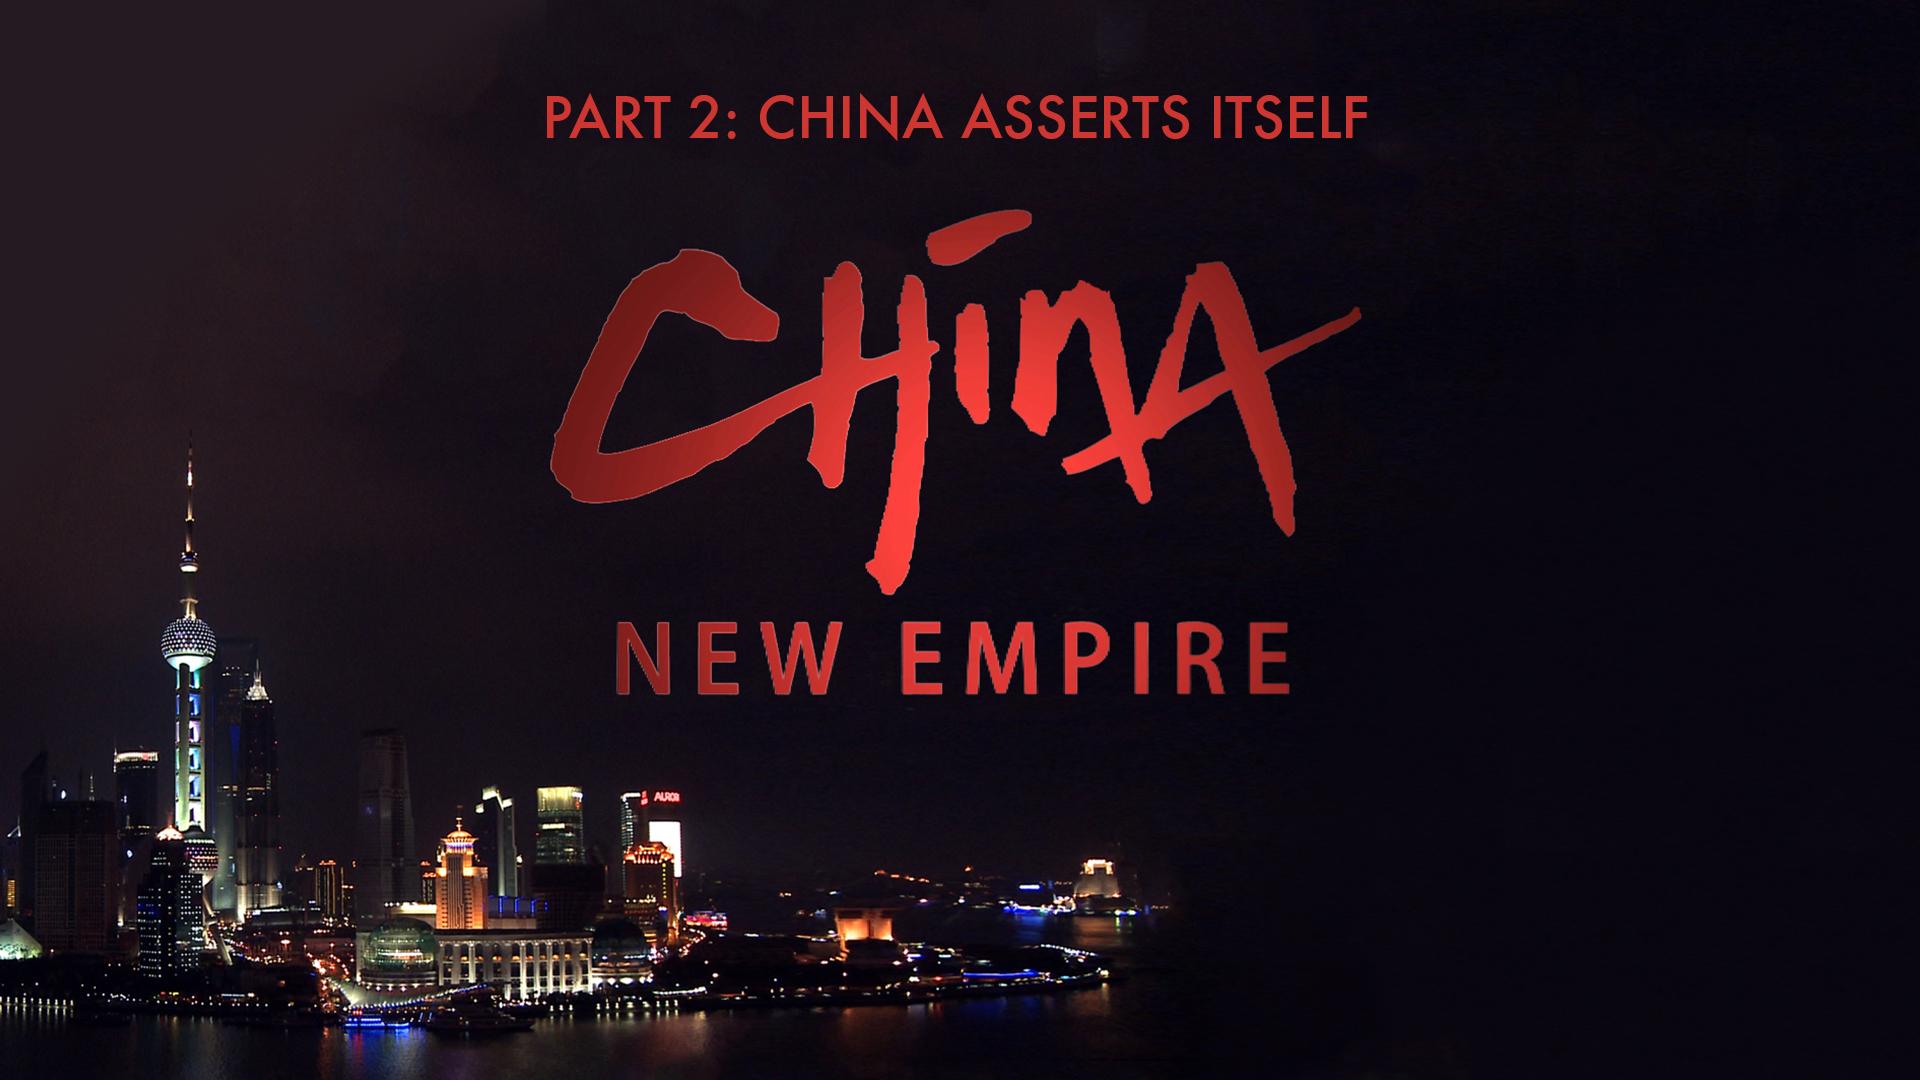 China New Empire - Part 2: China Asserts Itself